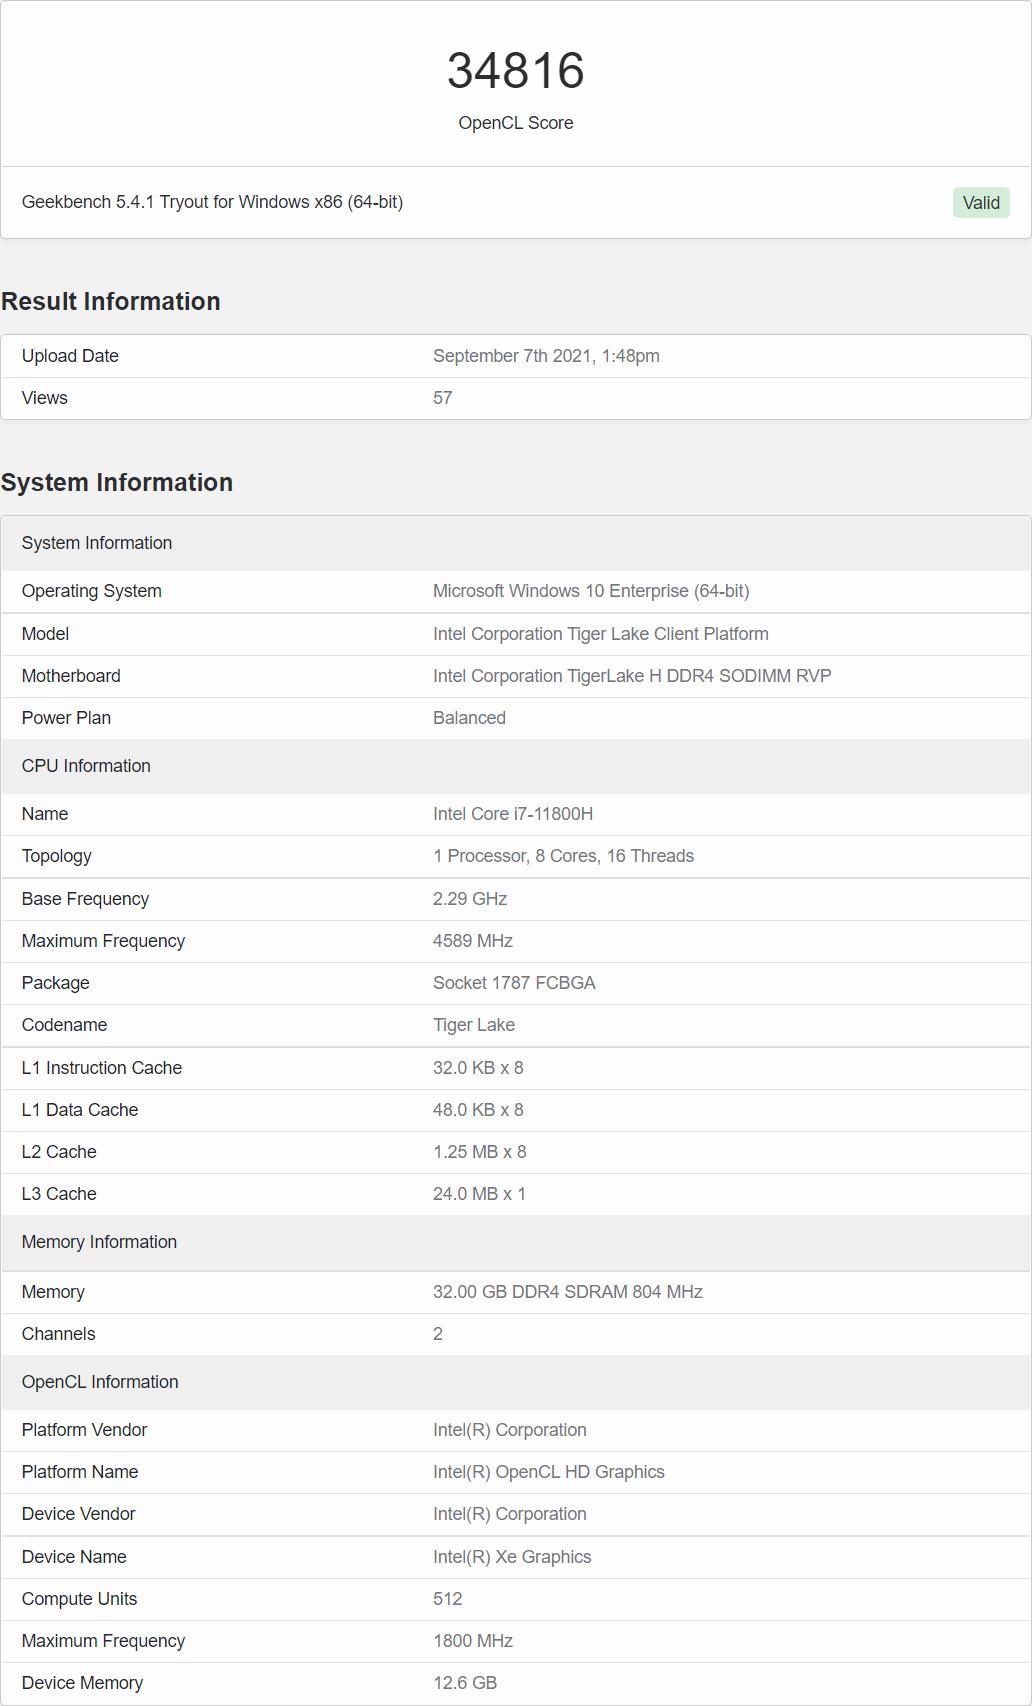 Мобильный видеоадаптер Intel Arc Alchemist с 512 блоками EU протестирован в Geekbench